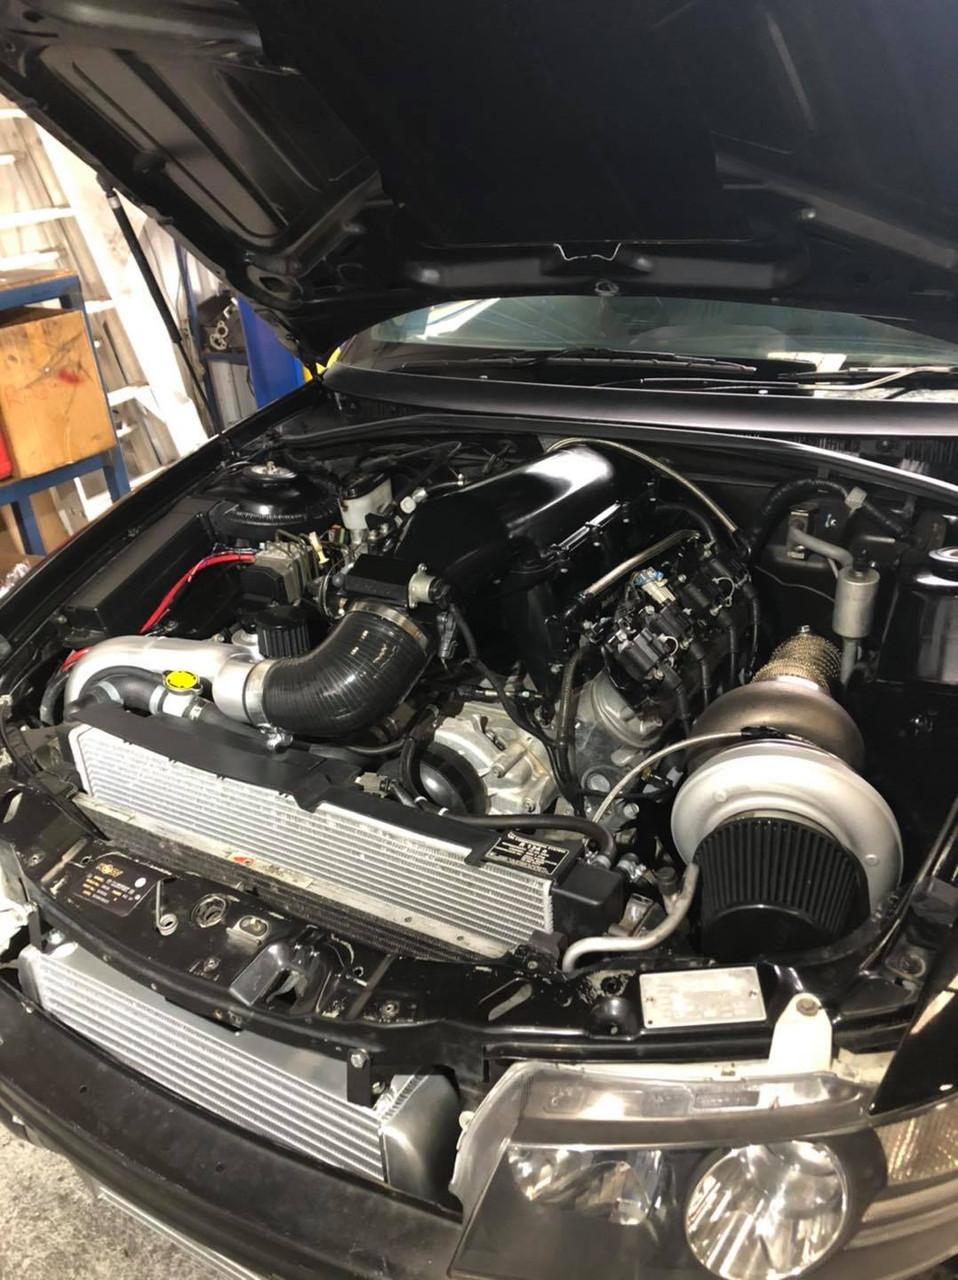 Killaboost VT - VZ Full Hot Side Turbo Kit